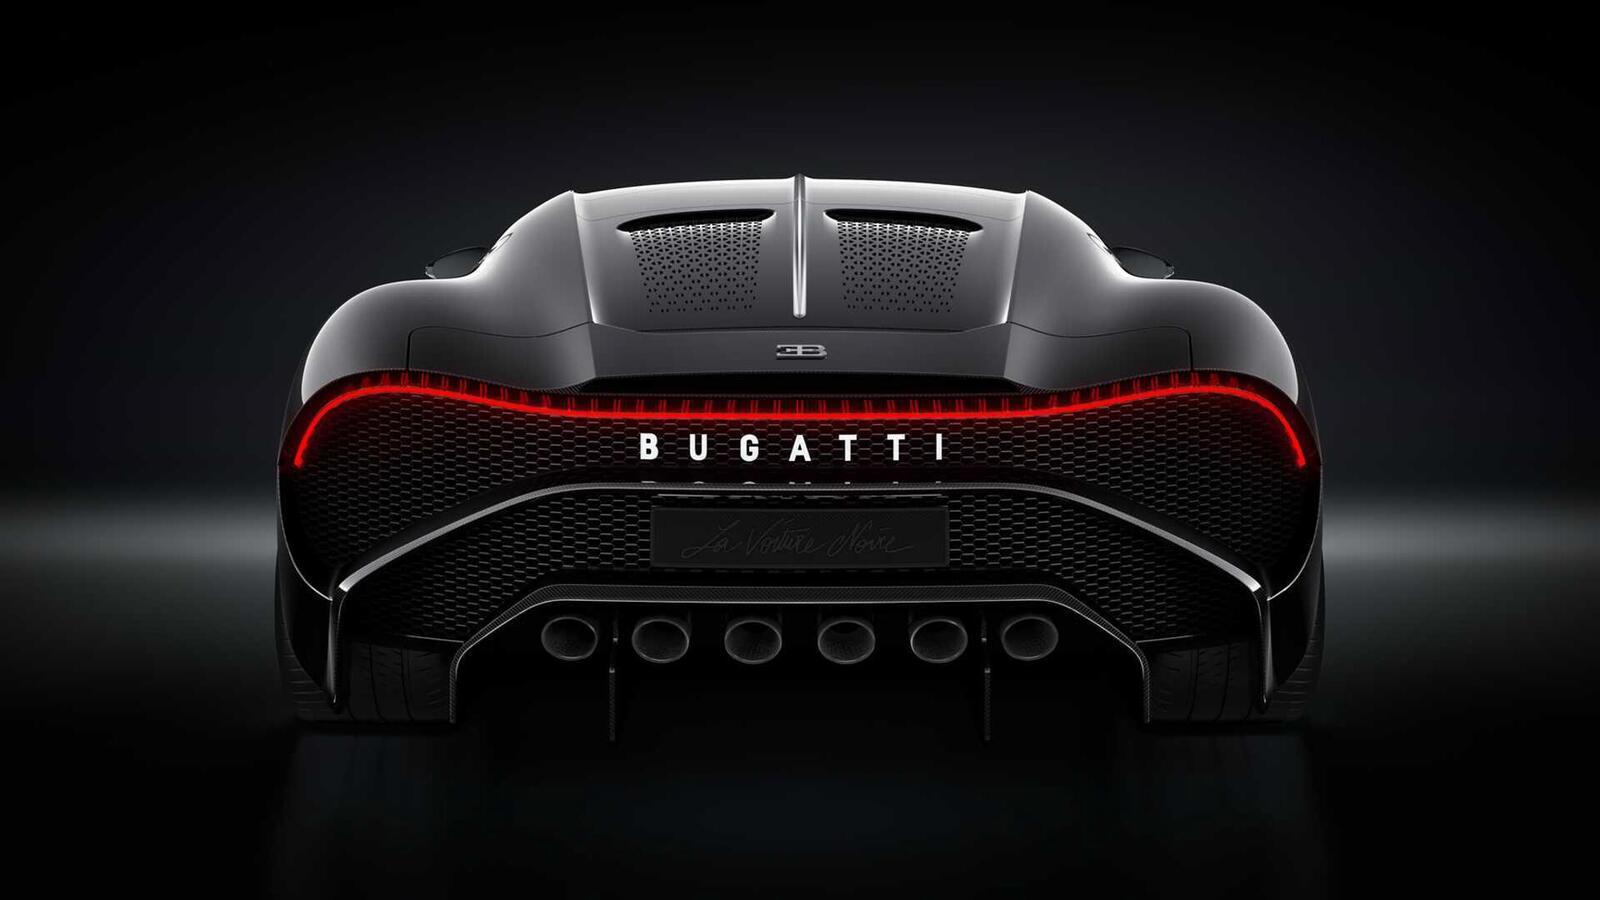 [GMS2019] Siêu phẩm Bugatti La Voatio Noire ra mắt: Chỉ một chiếc được sản xuất; giá hơn 259 tỷ đồng - Hình 4